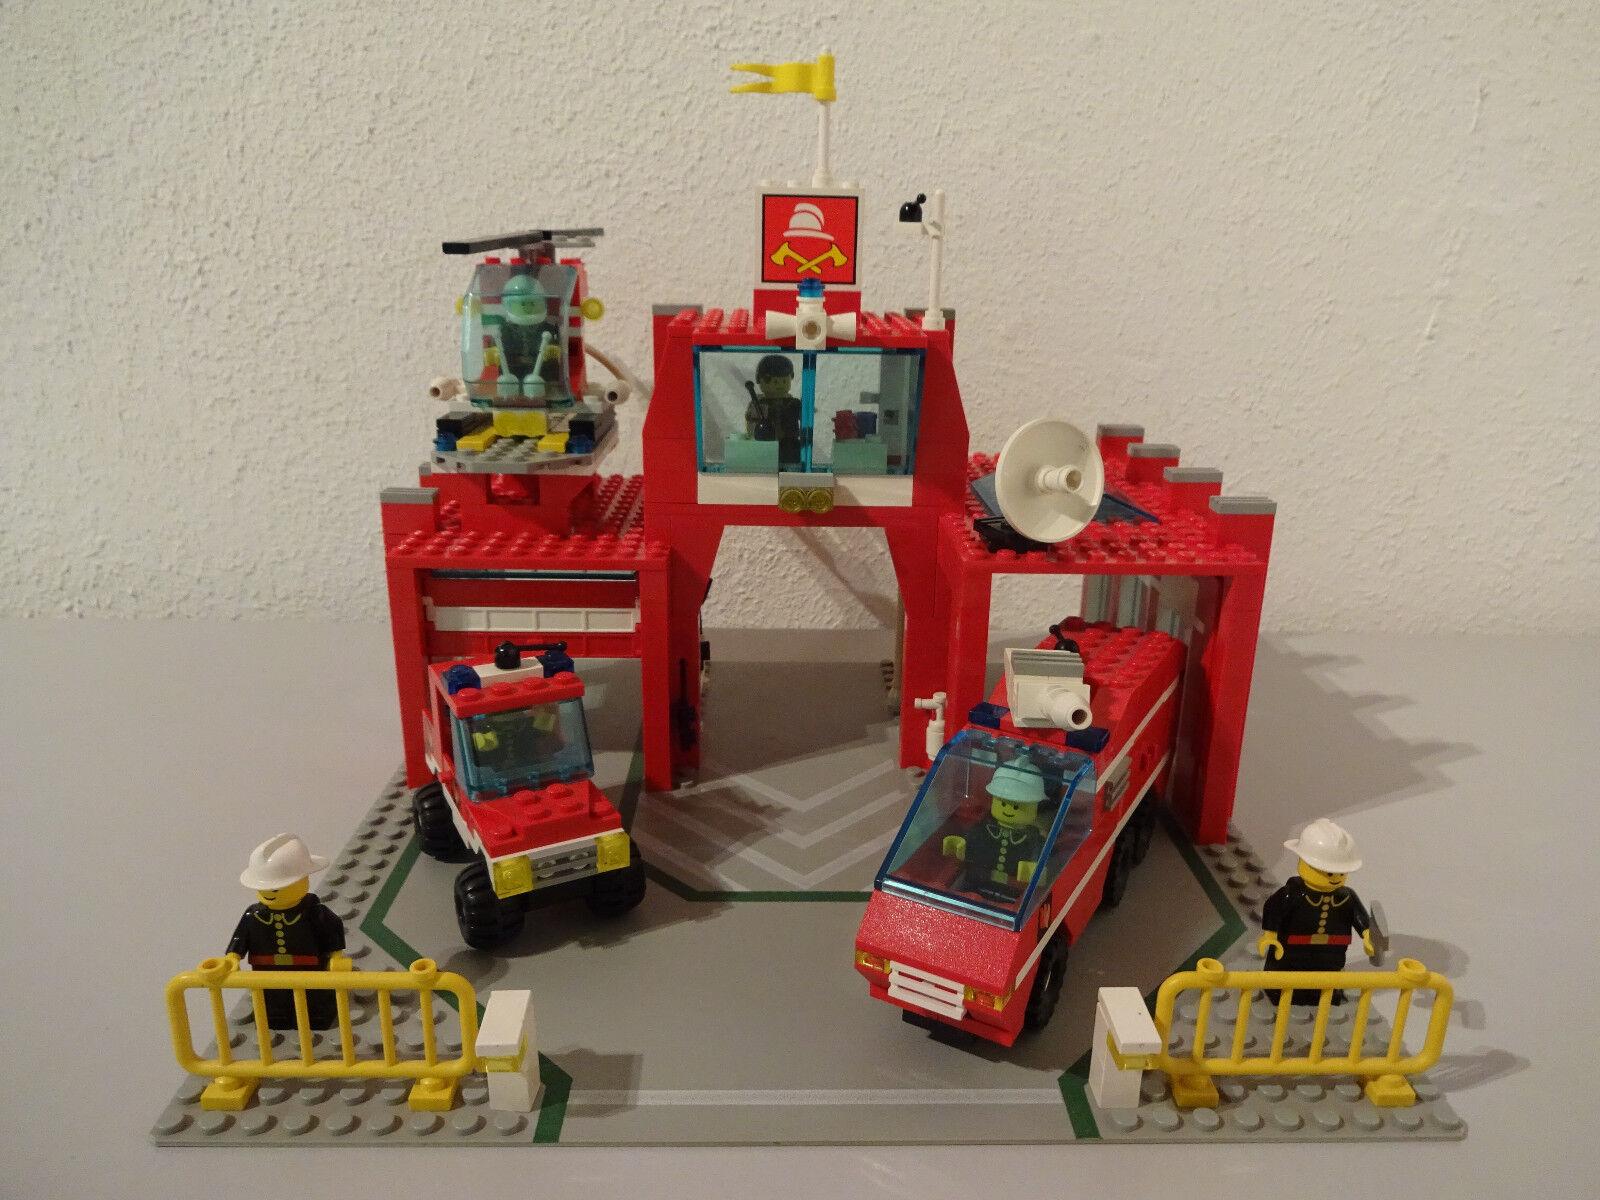 (Tb) Pays 6389 Pompier Caserne de Pompiers avec Ba 100% Complet D'Occasion Top